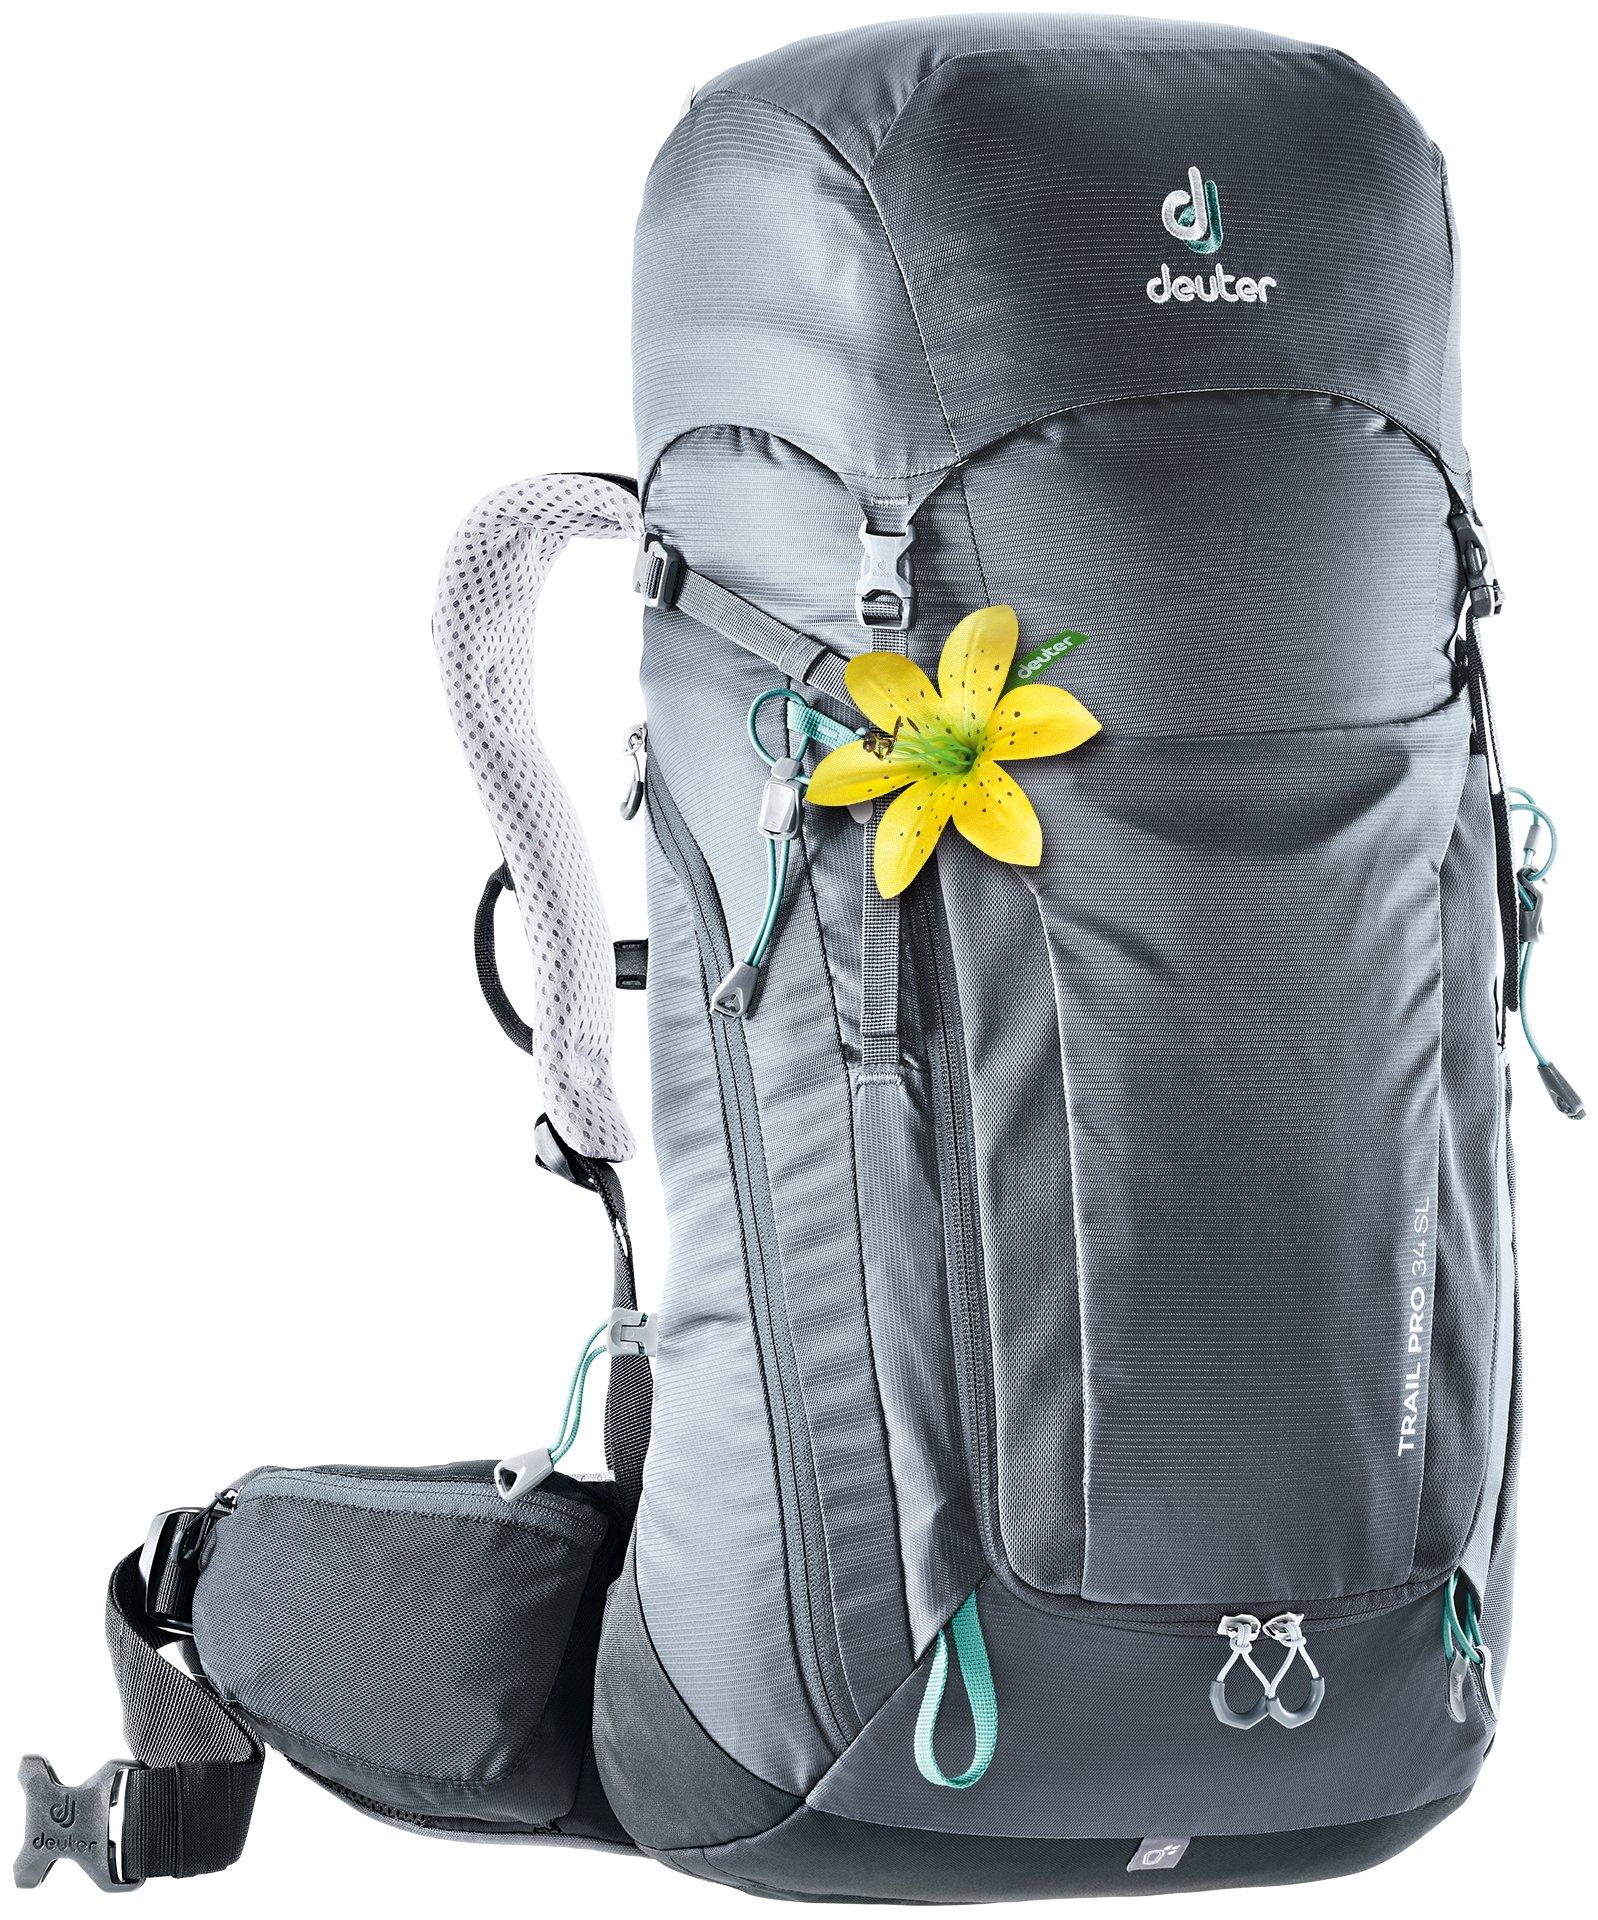 Deuter - Trail Pro 34 SL - Wanderrucksack für Frauen